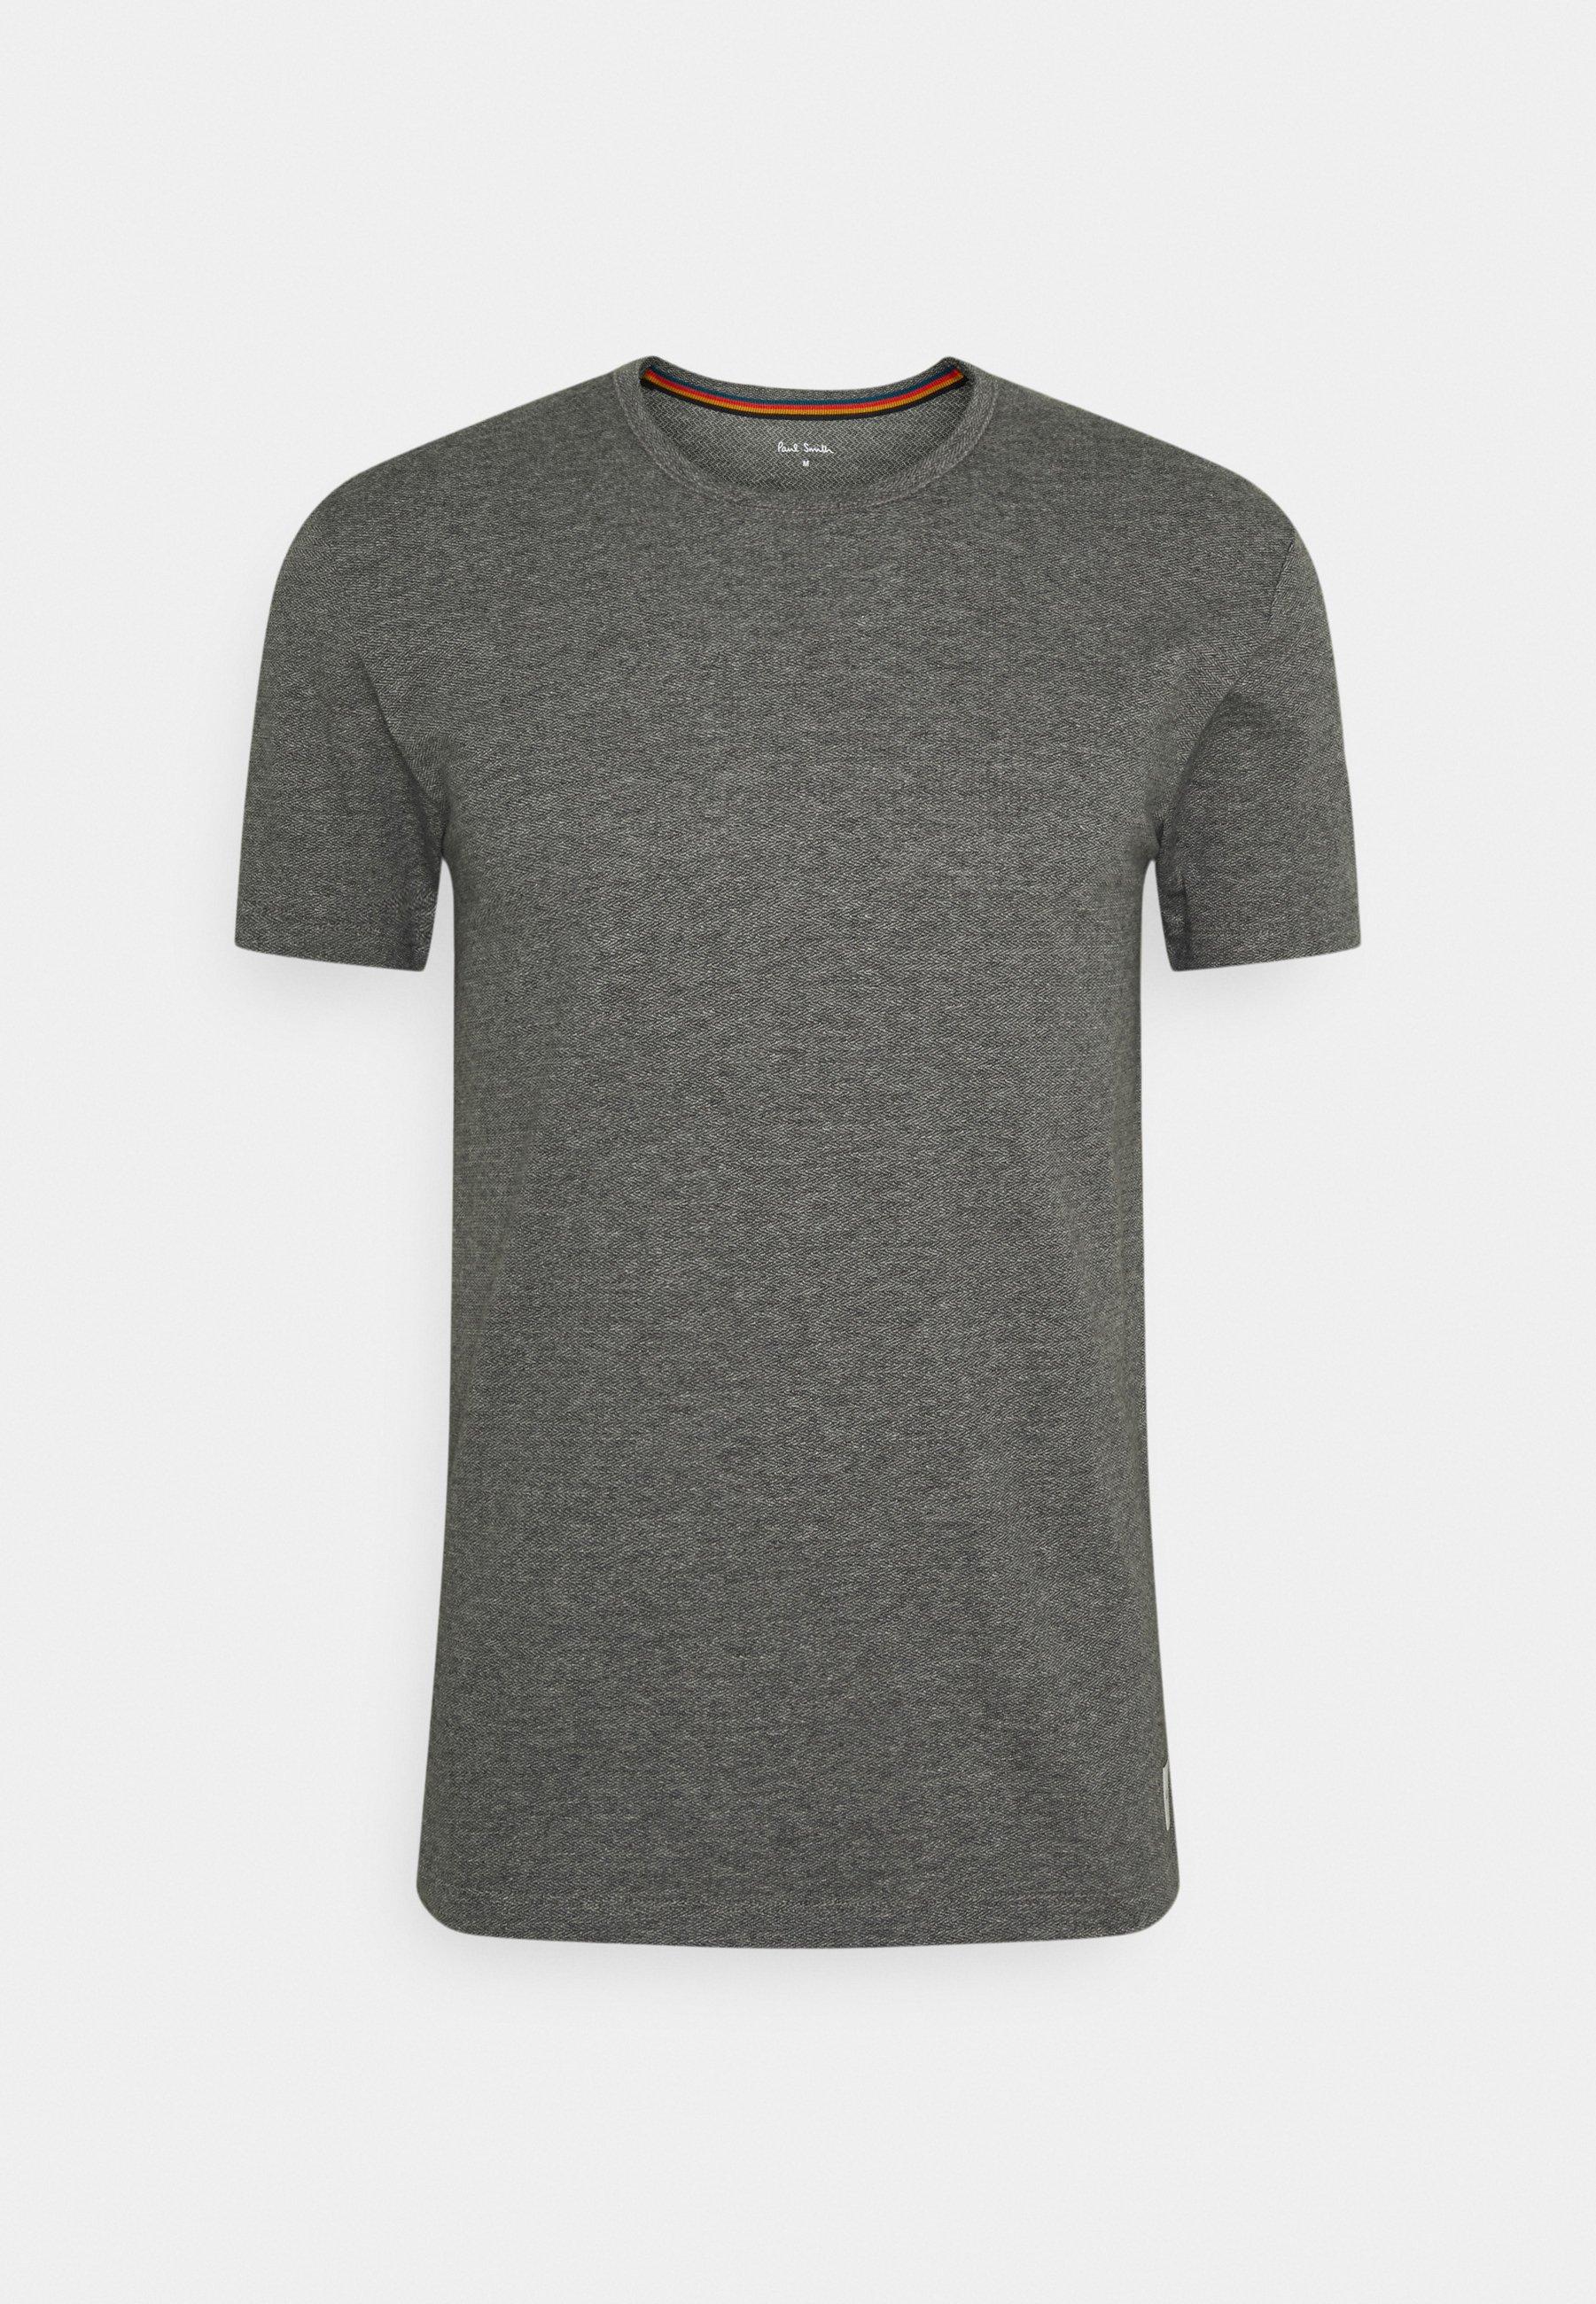 Herren MEN CREW NECK - Nachtwäsche Shirt